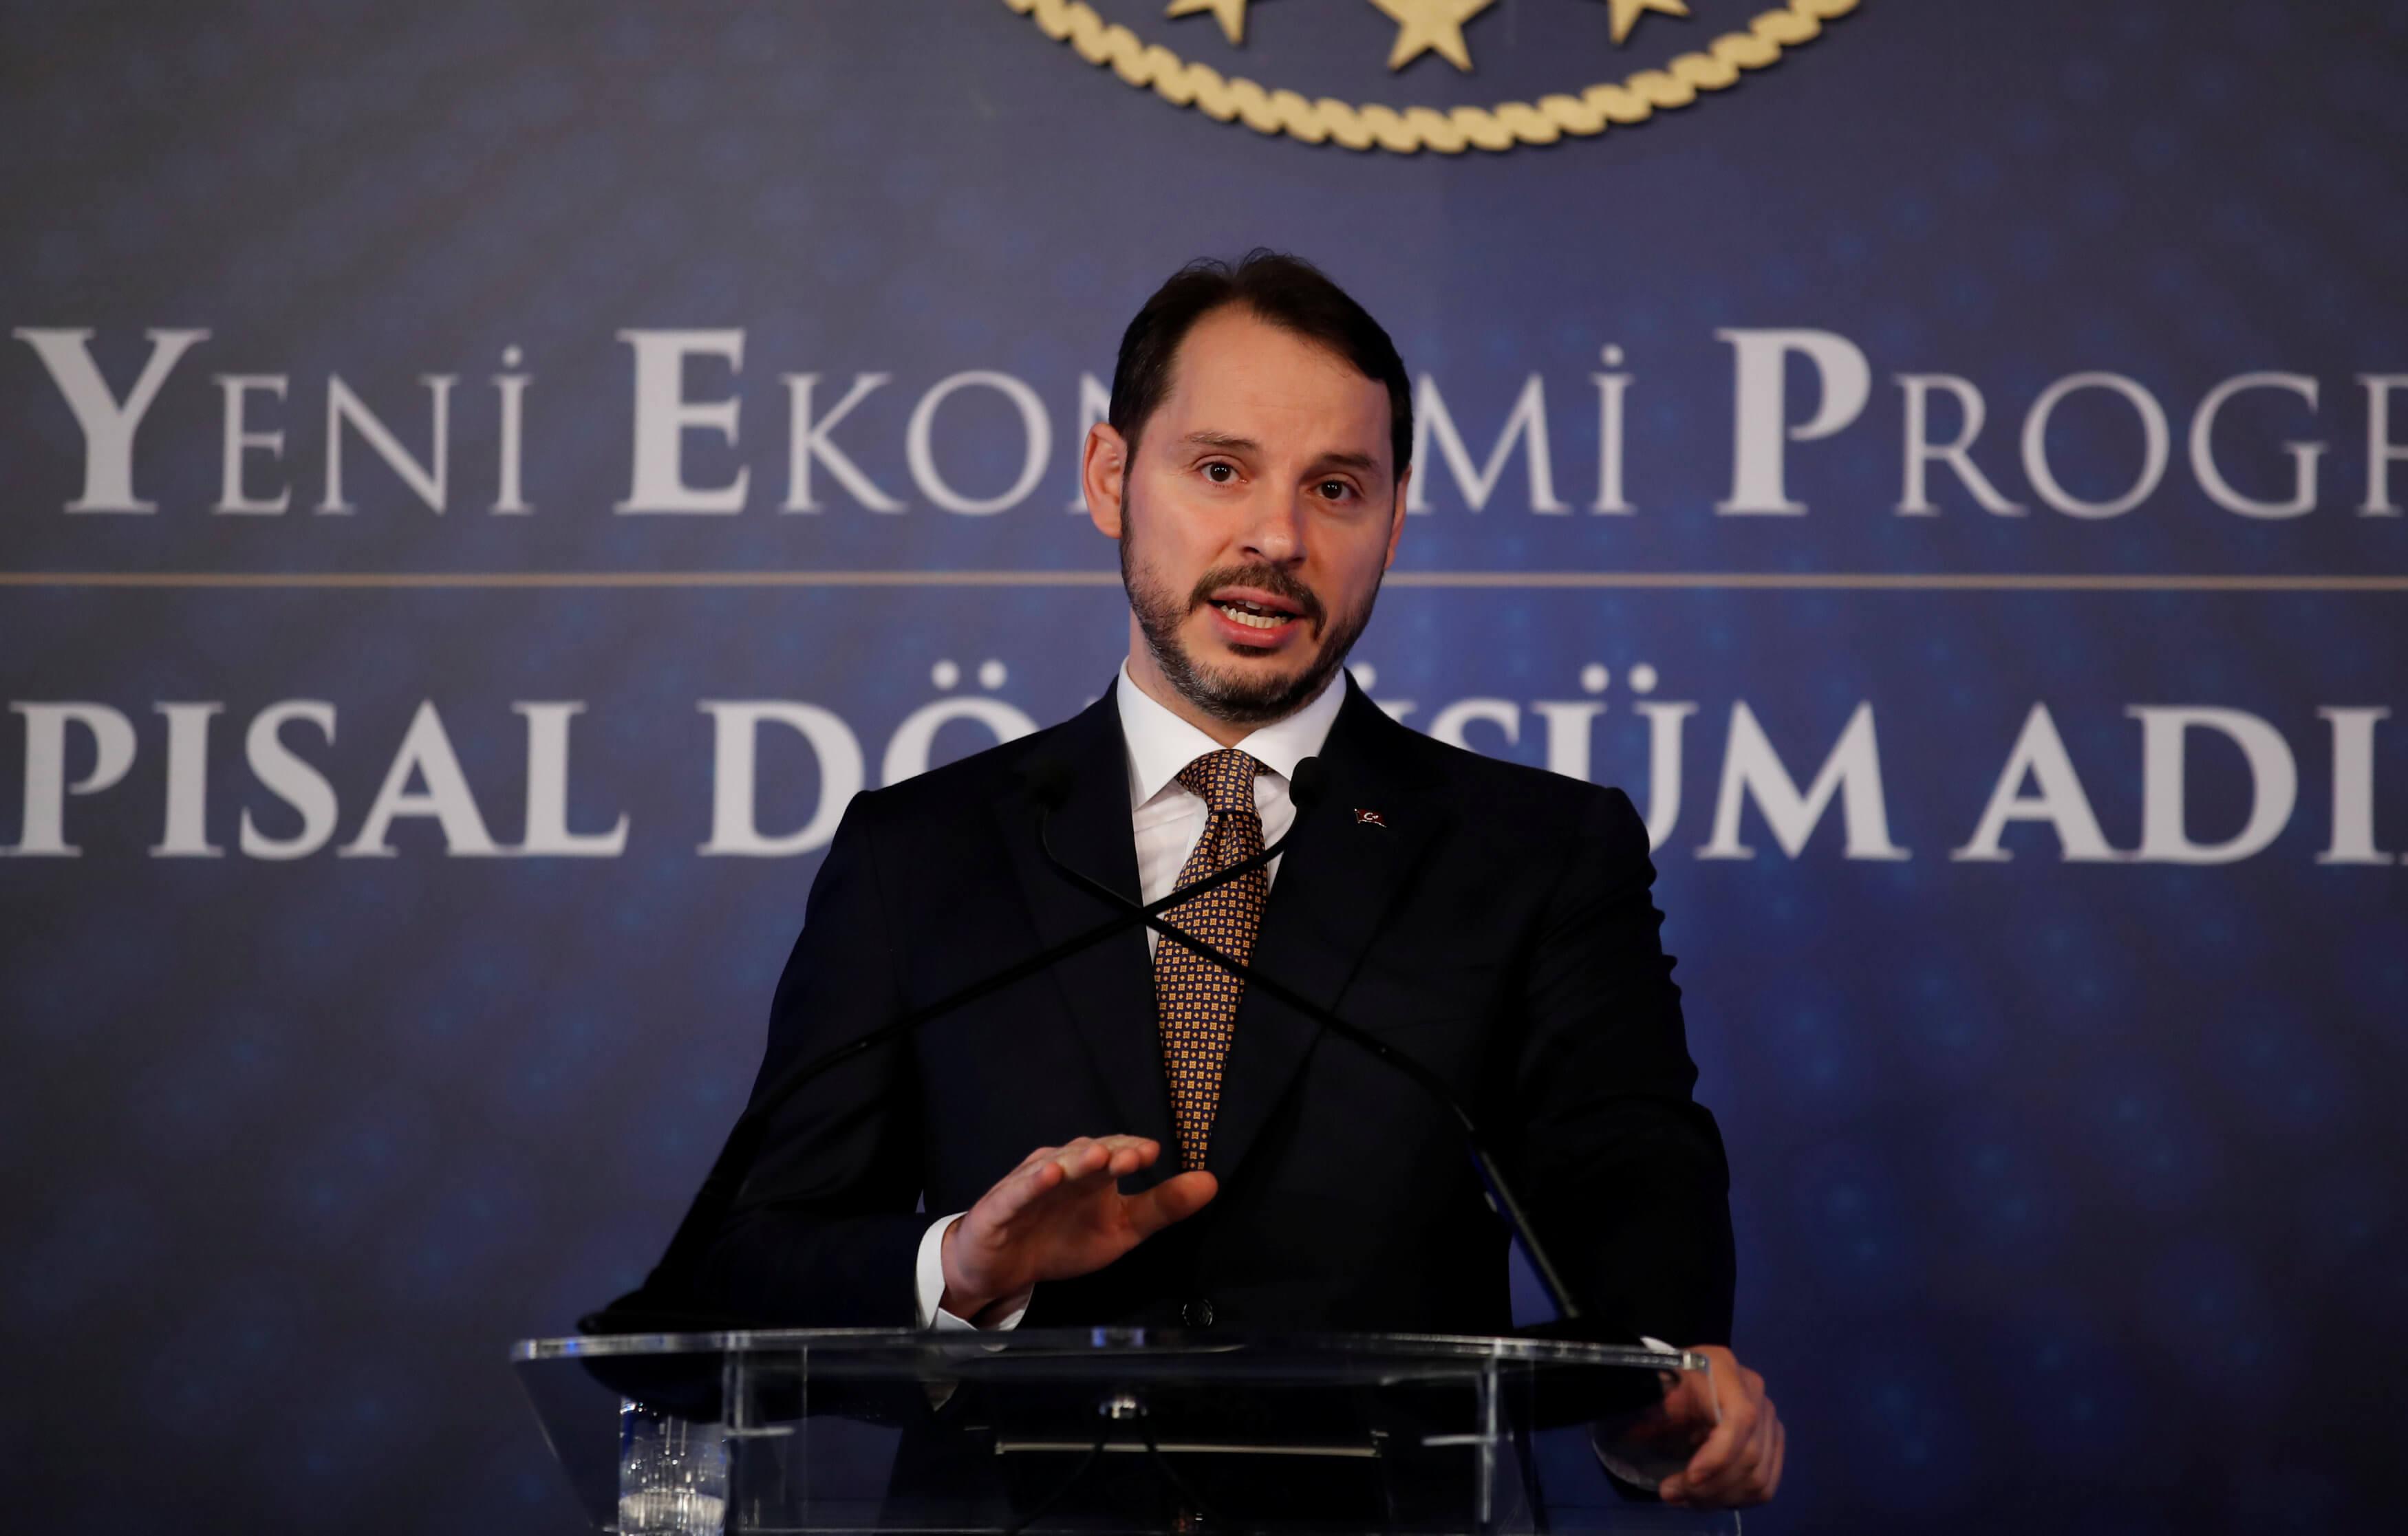 Μπεράτ Αλμπαϊράκ: Παραιτήθηκε ο υπουργός Οικονομικών της Τουρκίας και γαμπρός του Ερντογάν